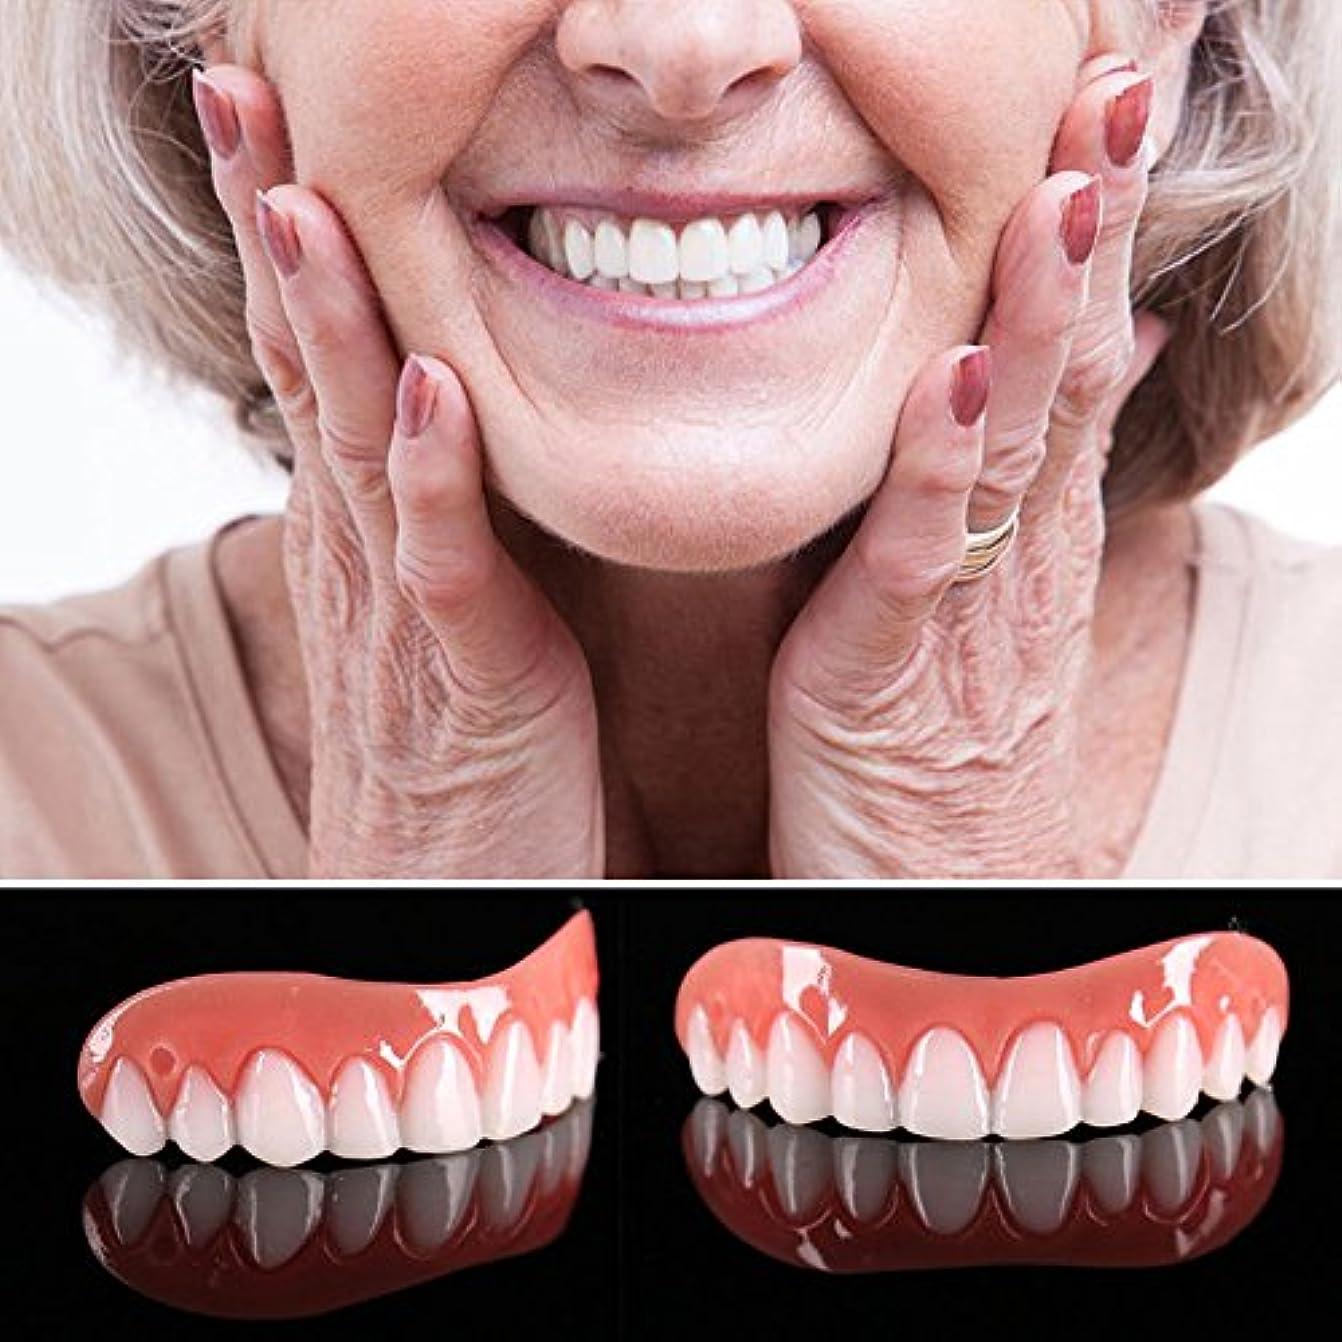 実験室批判的に子供時代5ピースアッパーフェイク歯科用ベニアコンフォートフィット歯トップ化粧品ベニアワンサイズフィットすべての義歯接着剤歯偽義歯歯笑顔